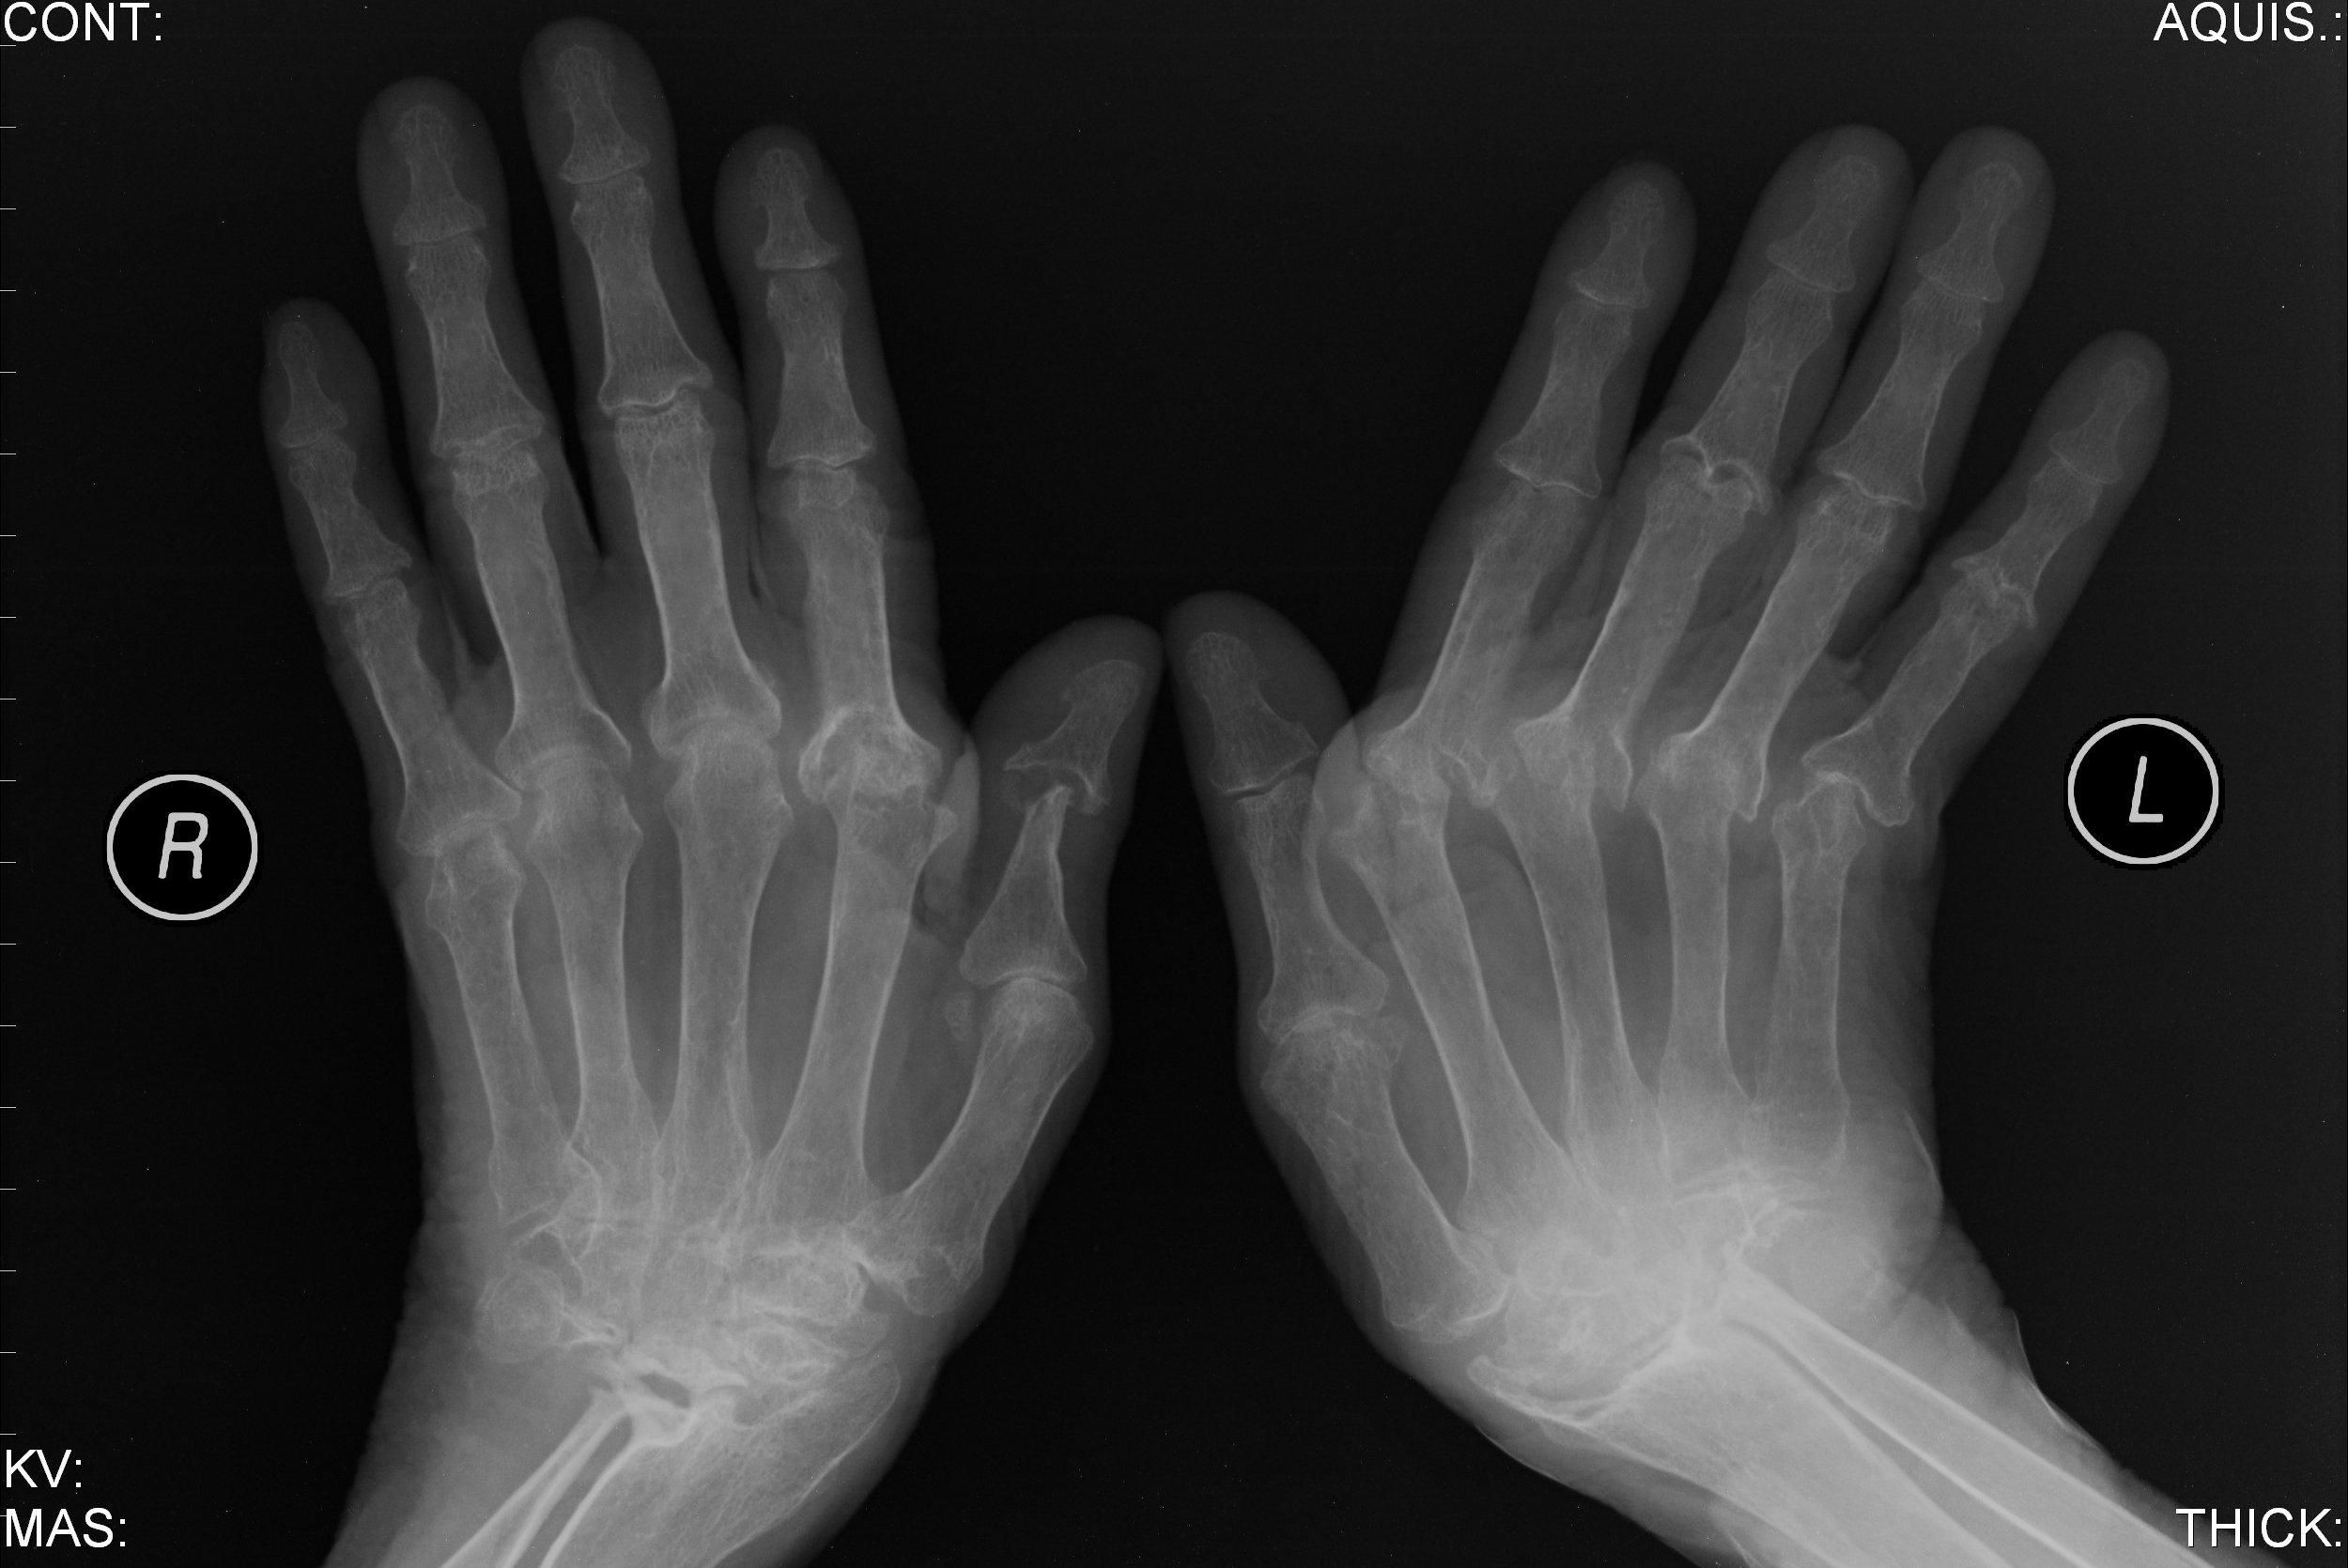 Reumatologista explica diferença entre artrite e artrose